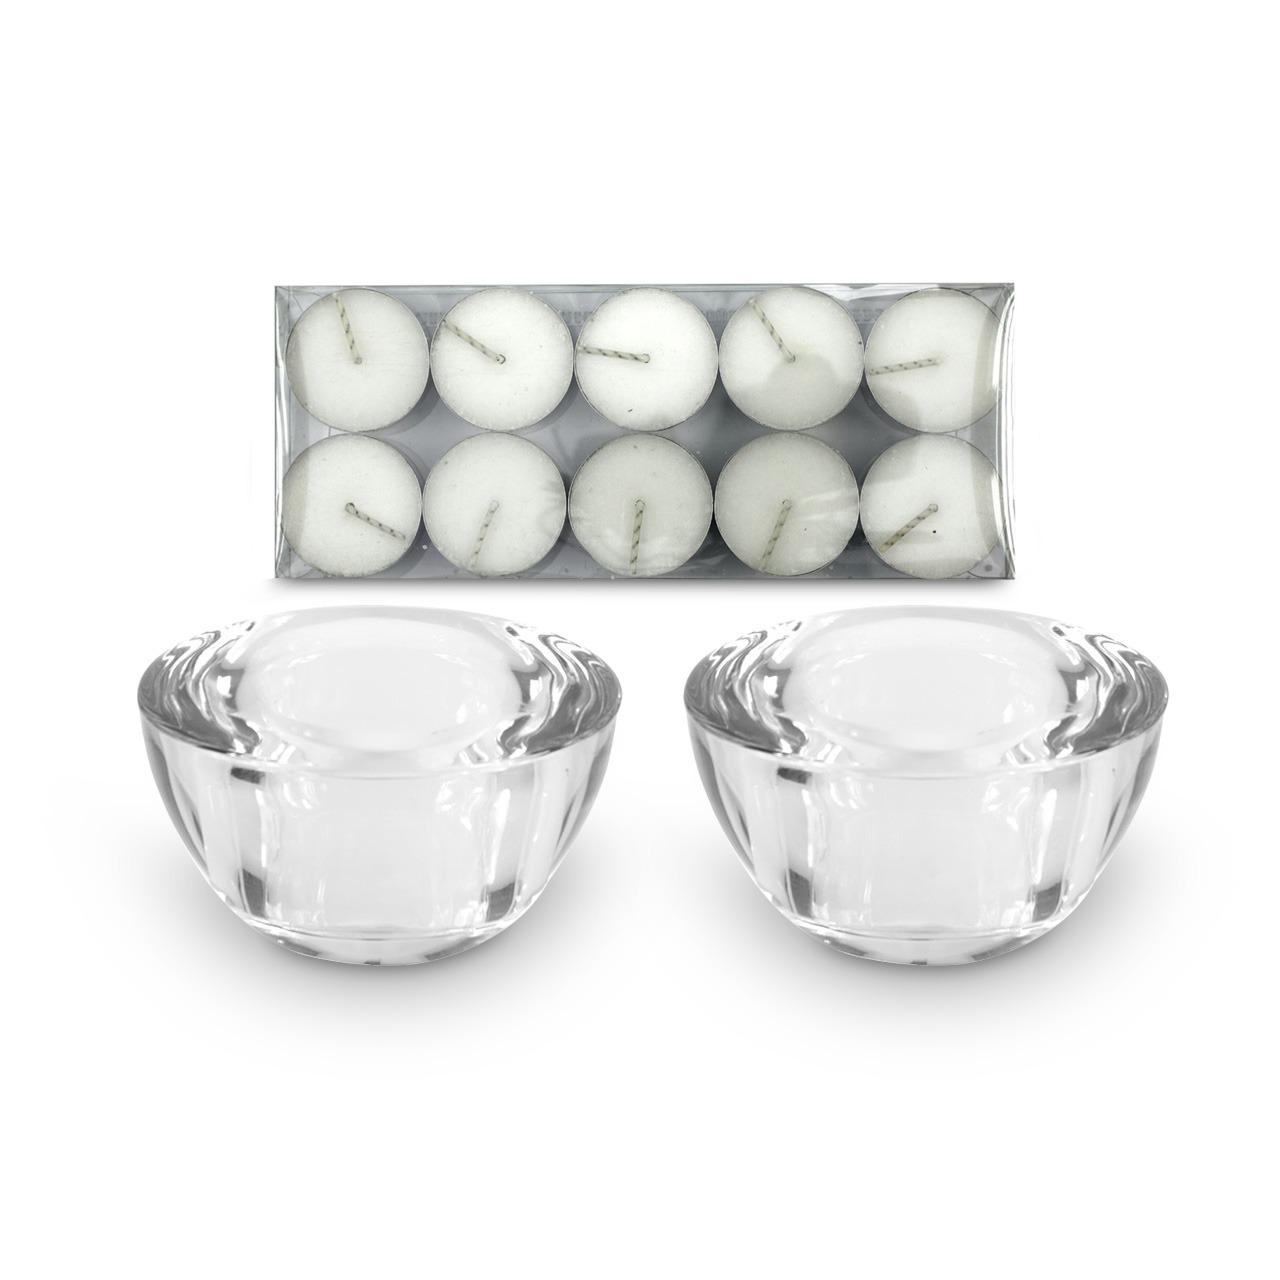 01 Par de Porta velas em vidro transparente (10 lamparinas incluso)